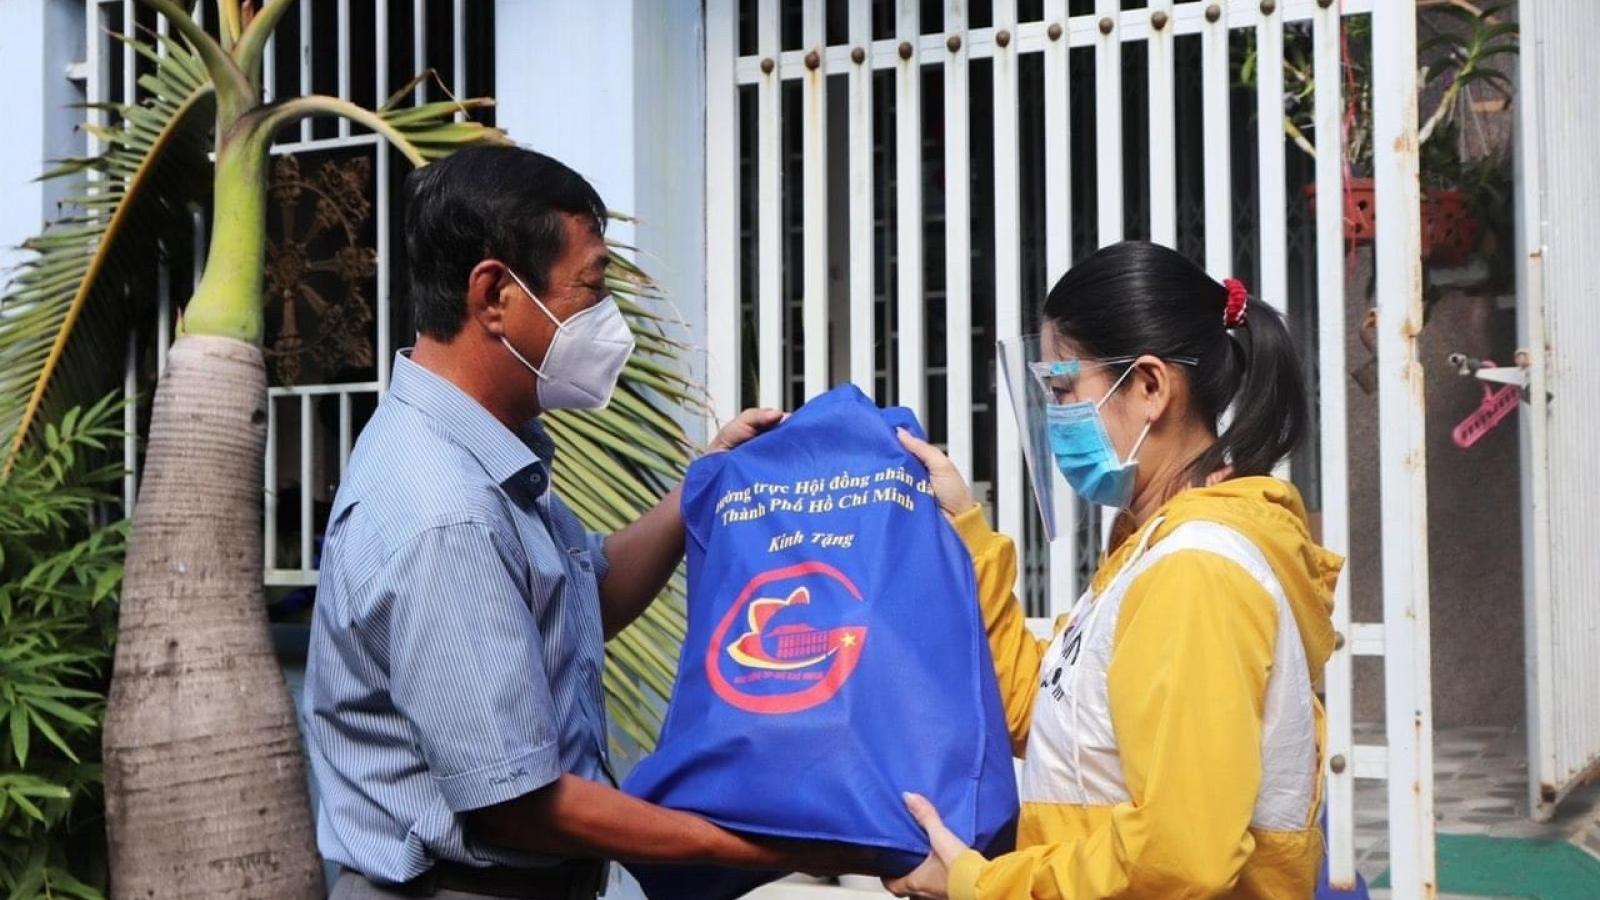 TP.HCM khẩn trương hỗ trợ tiền trọ, lương thực cho người dân gặp khó khăn